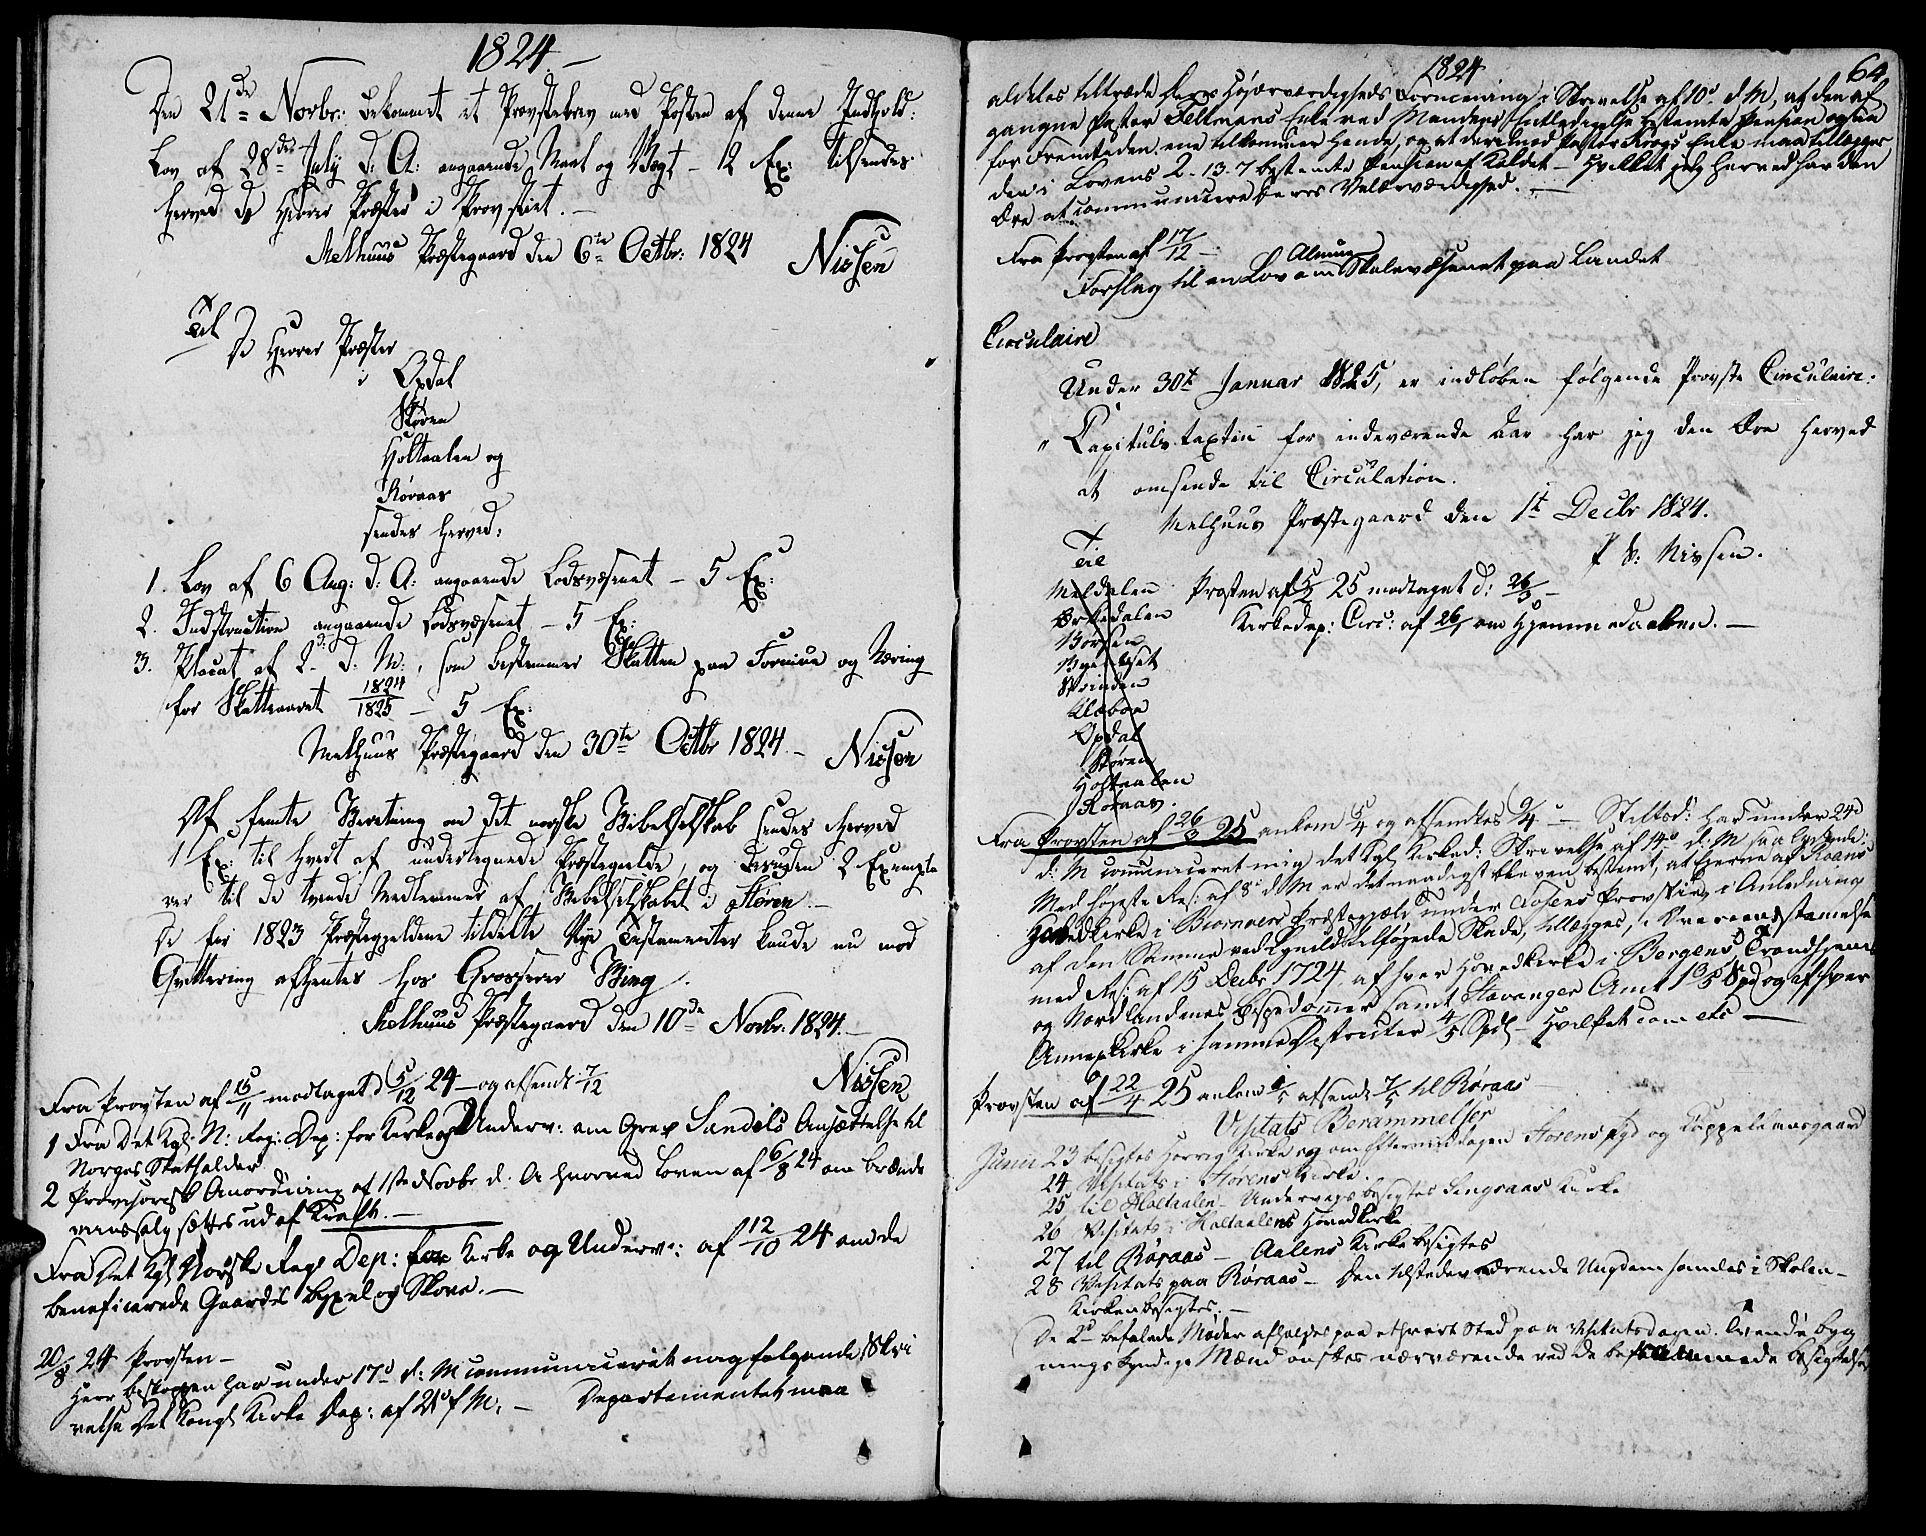 SAT, Ministerialprotokoller, klokkerbøker og fødselsregistre - Sør-Trøndelag, 685/L0953: Ministerialbok nr. 685A02, 1805-1816, s. 64